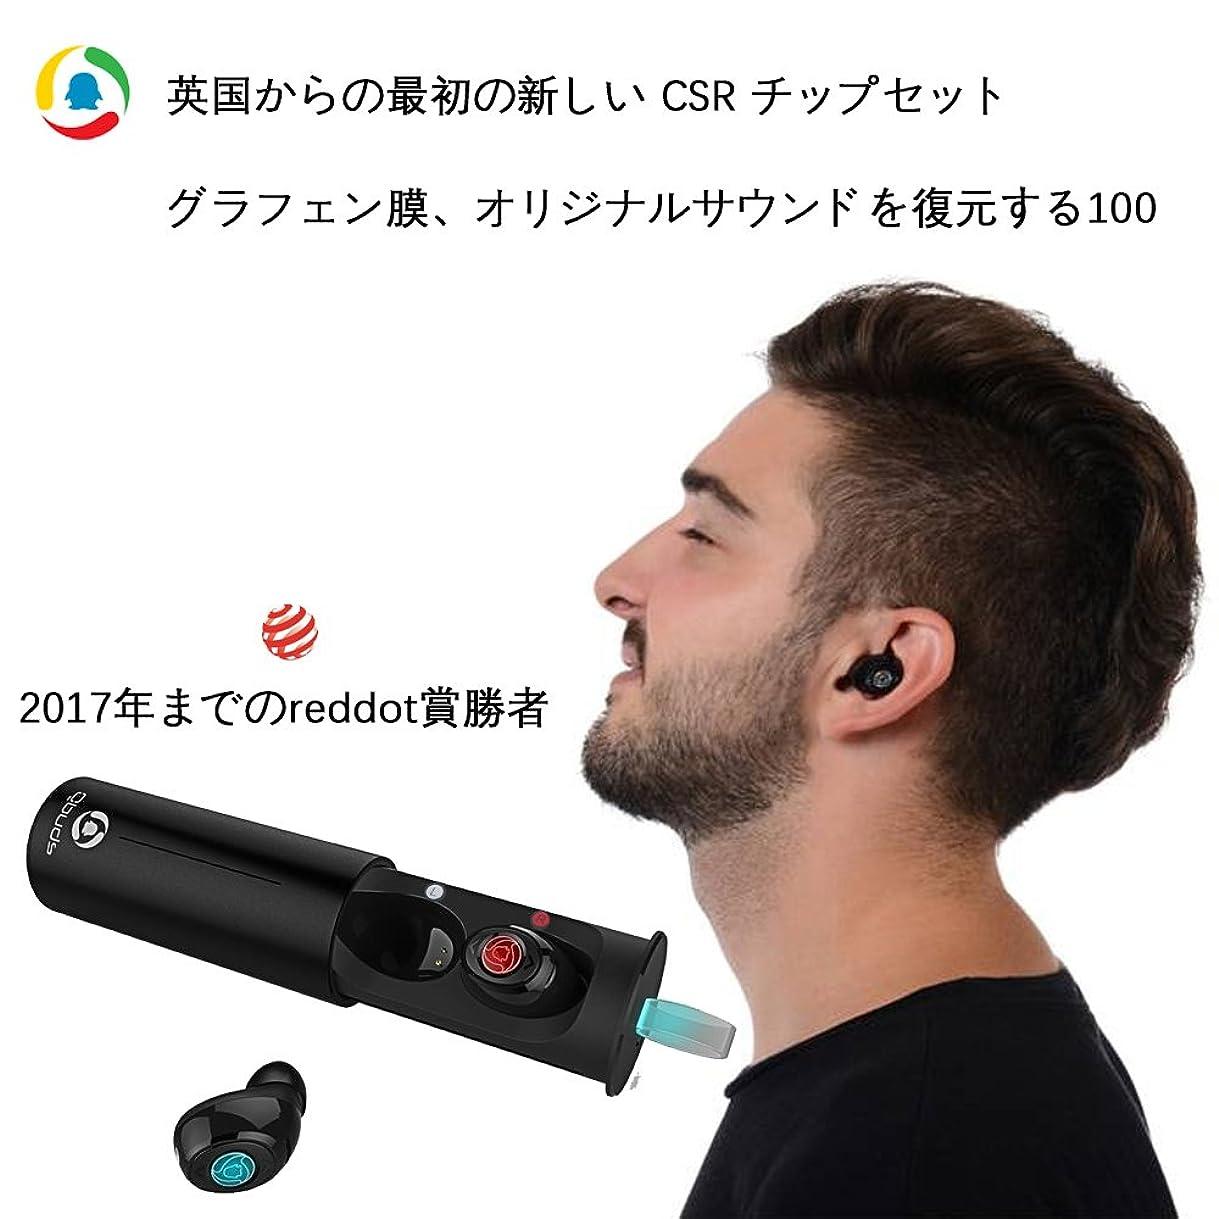 インスタント専門知識代表するTencent Trueワイヤレスイヤホン、 ヘッドセット Bluetooth イヤホン Bluetooth 4.2 高音質 片耳両耳対応 充電収納ボックス マイク内蔵 ハンズフリー通話 軽量 IPhone/Android各種対応